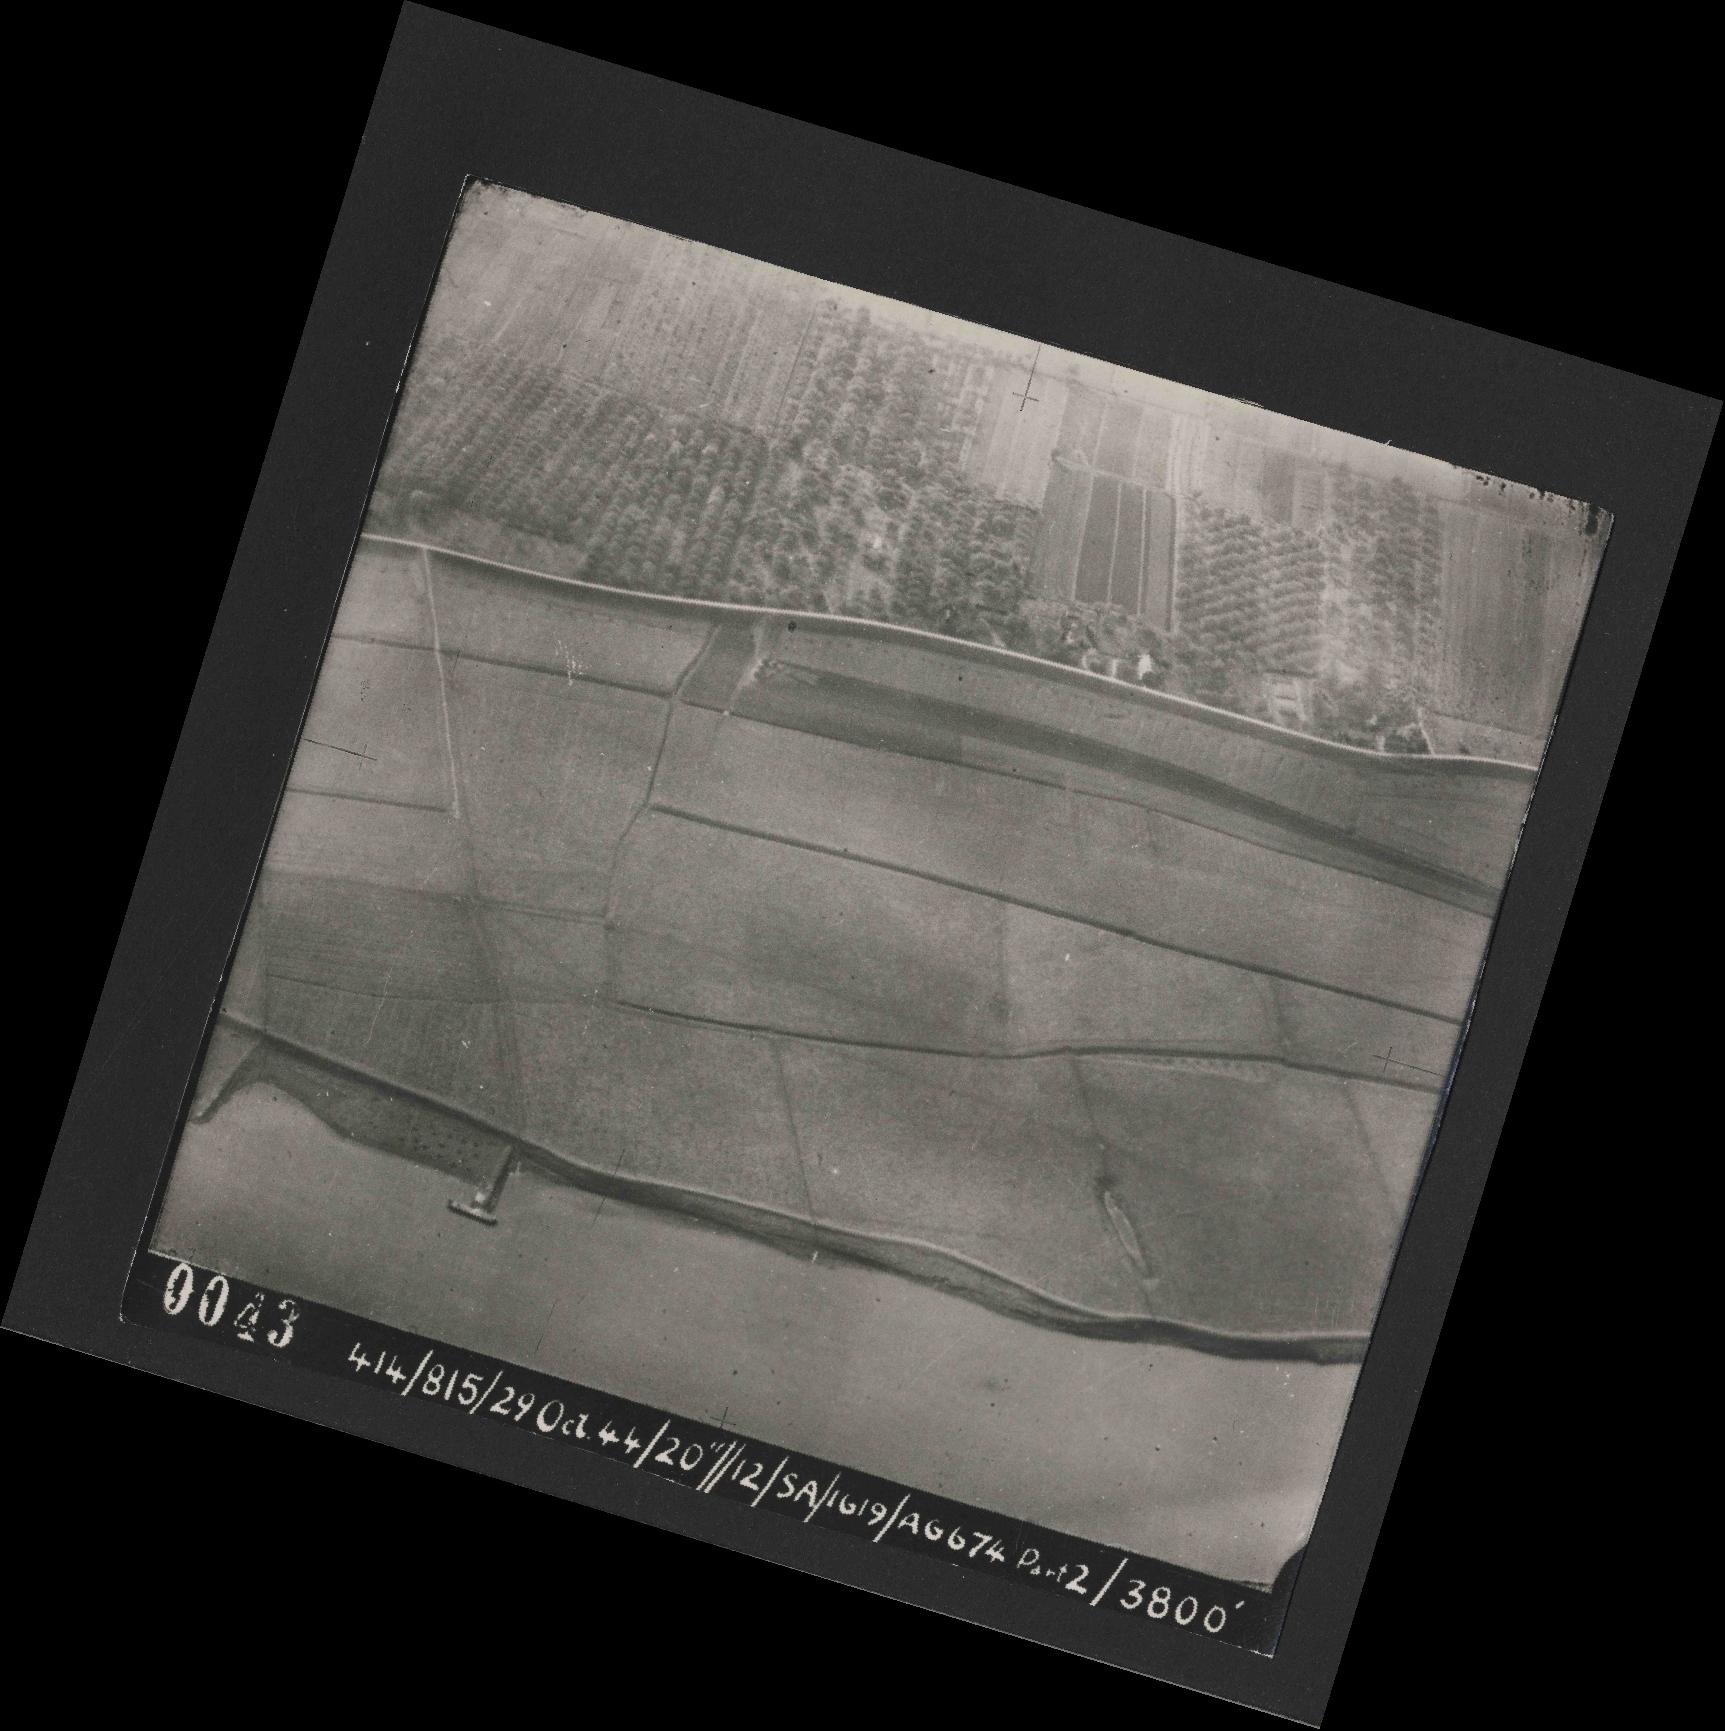 Collection RAF aerial photos 1940-1945 - flight 504, run 01, photo 0043